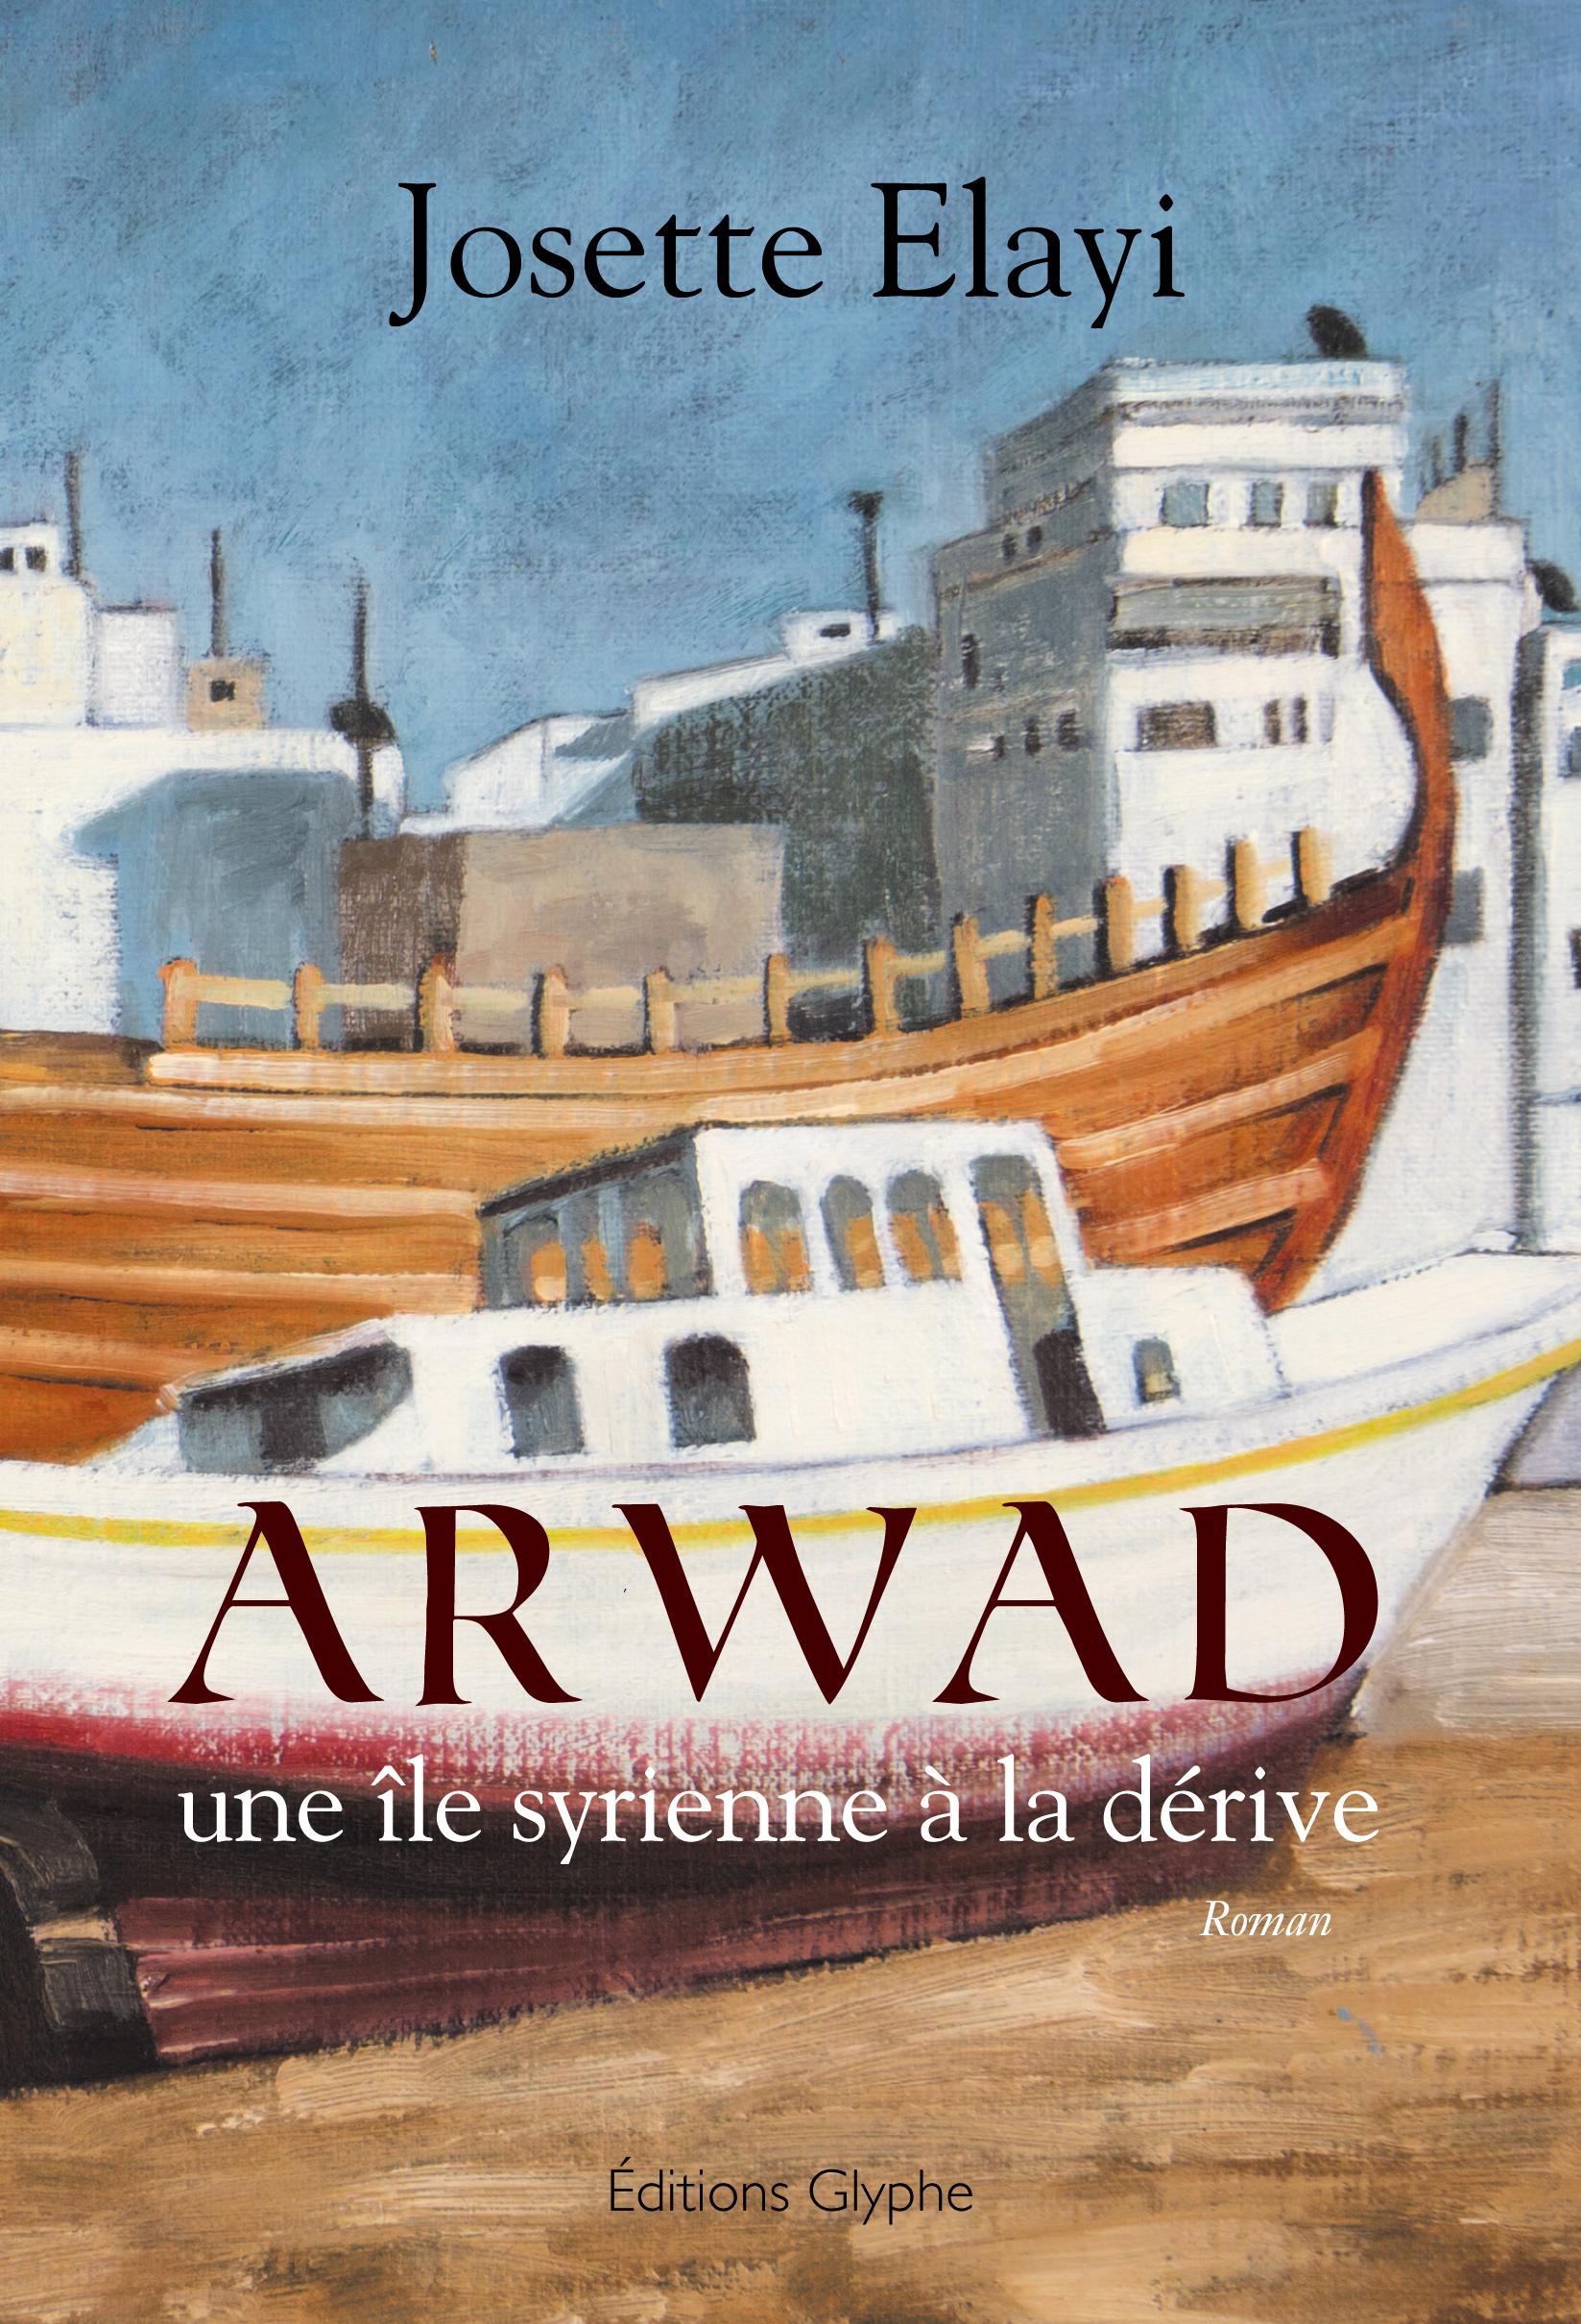 Arwad, une île syrienne à la dérive